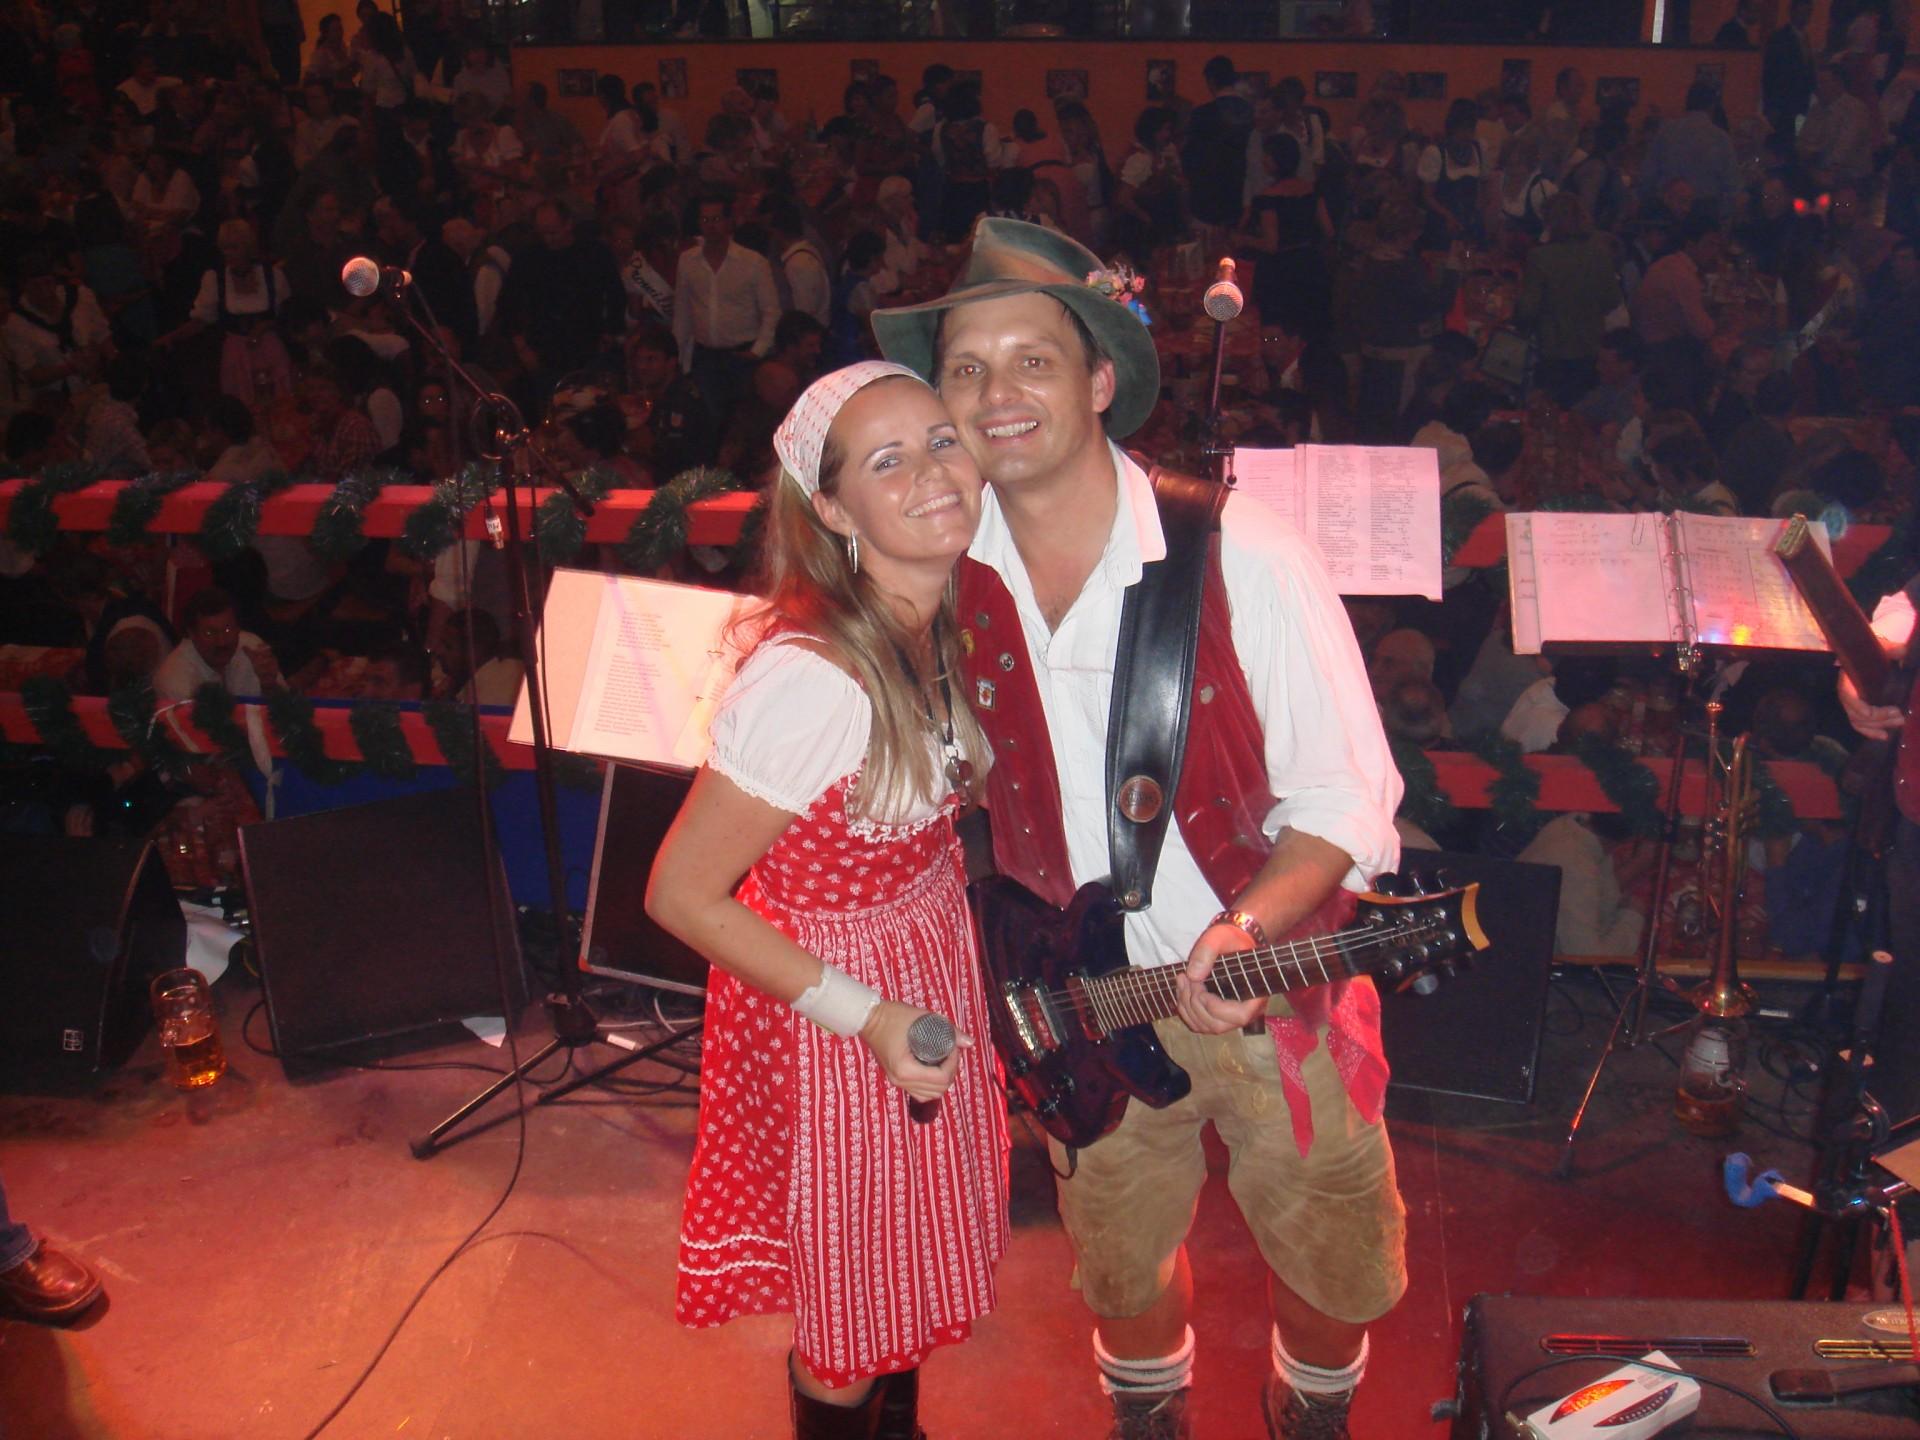 Simmisamma die Oktoberfestband – Konzert Hippodrom Oktoberfest München Deutschland 80